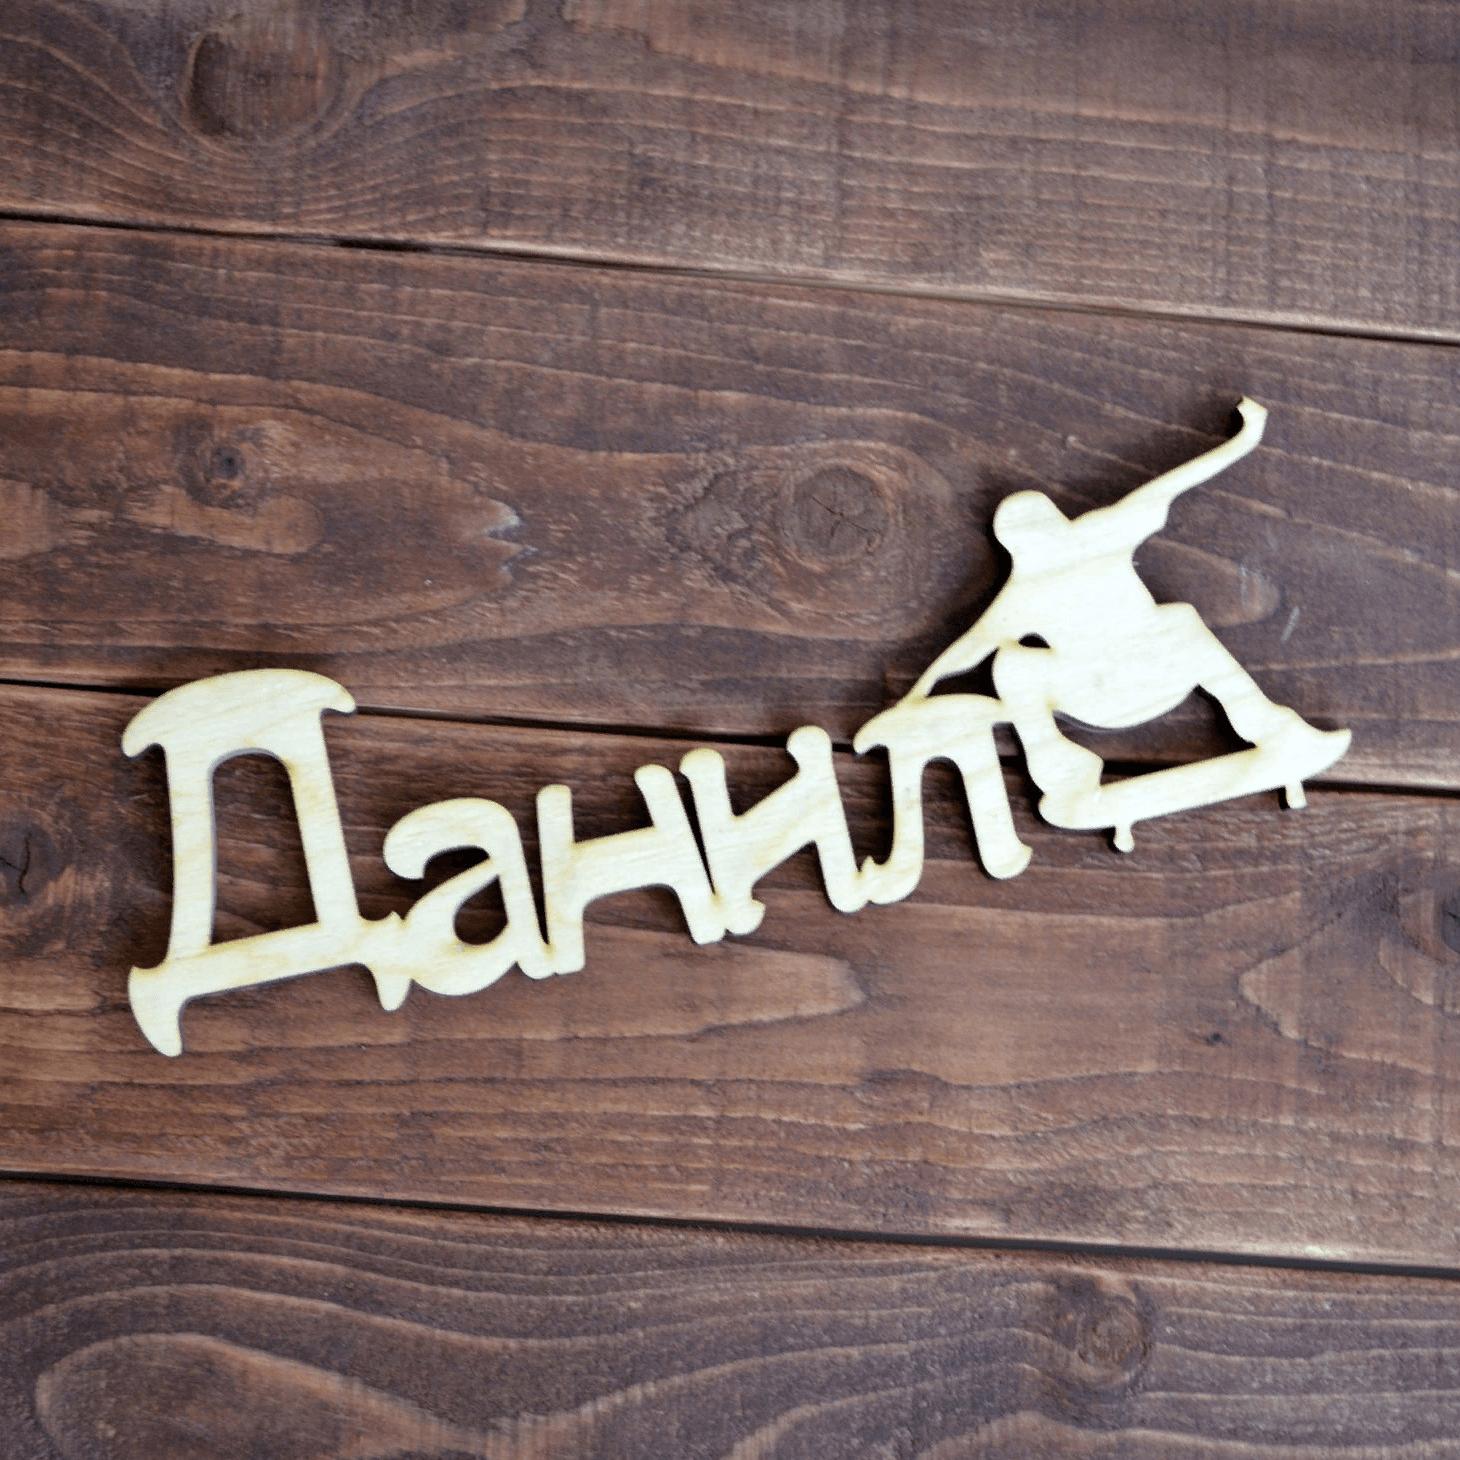 Значение имени Даниил (Данил), его происхождение, характер и судьба человека, формы обращения, совместимость и прочее